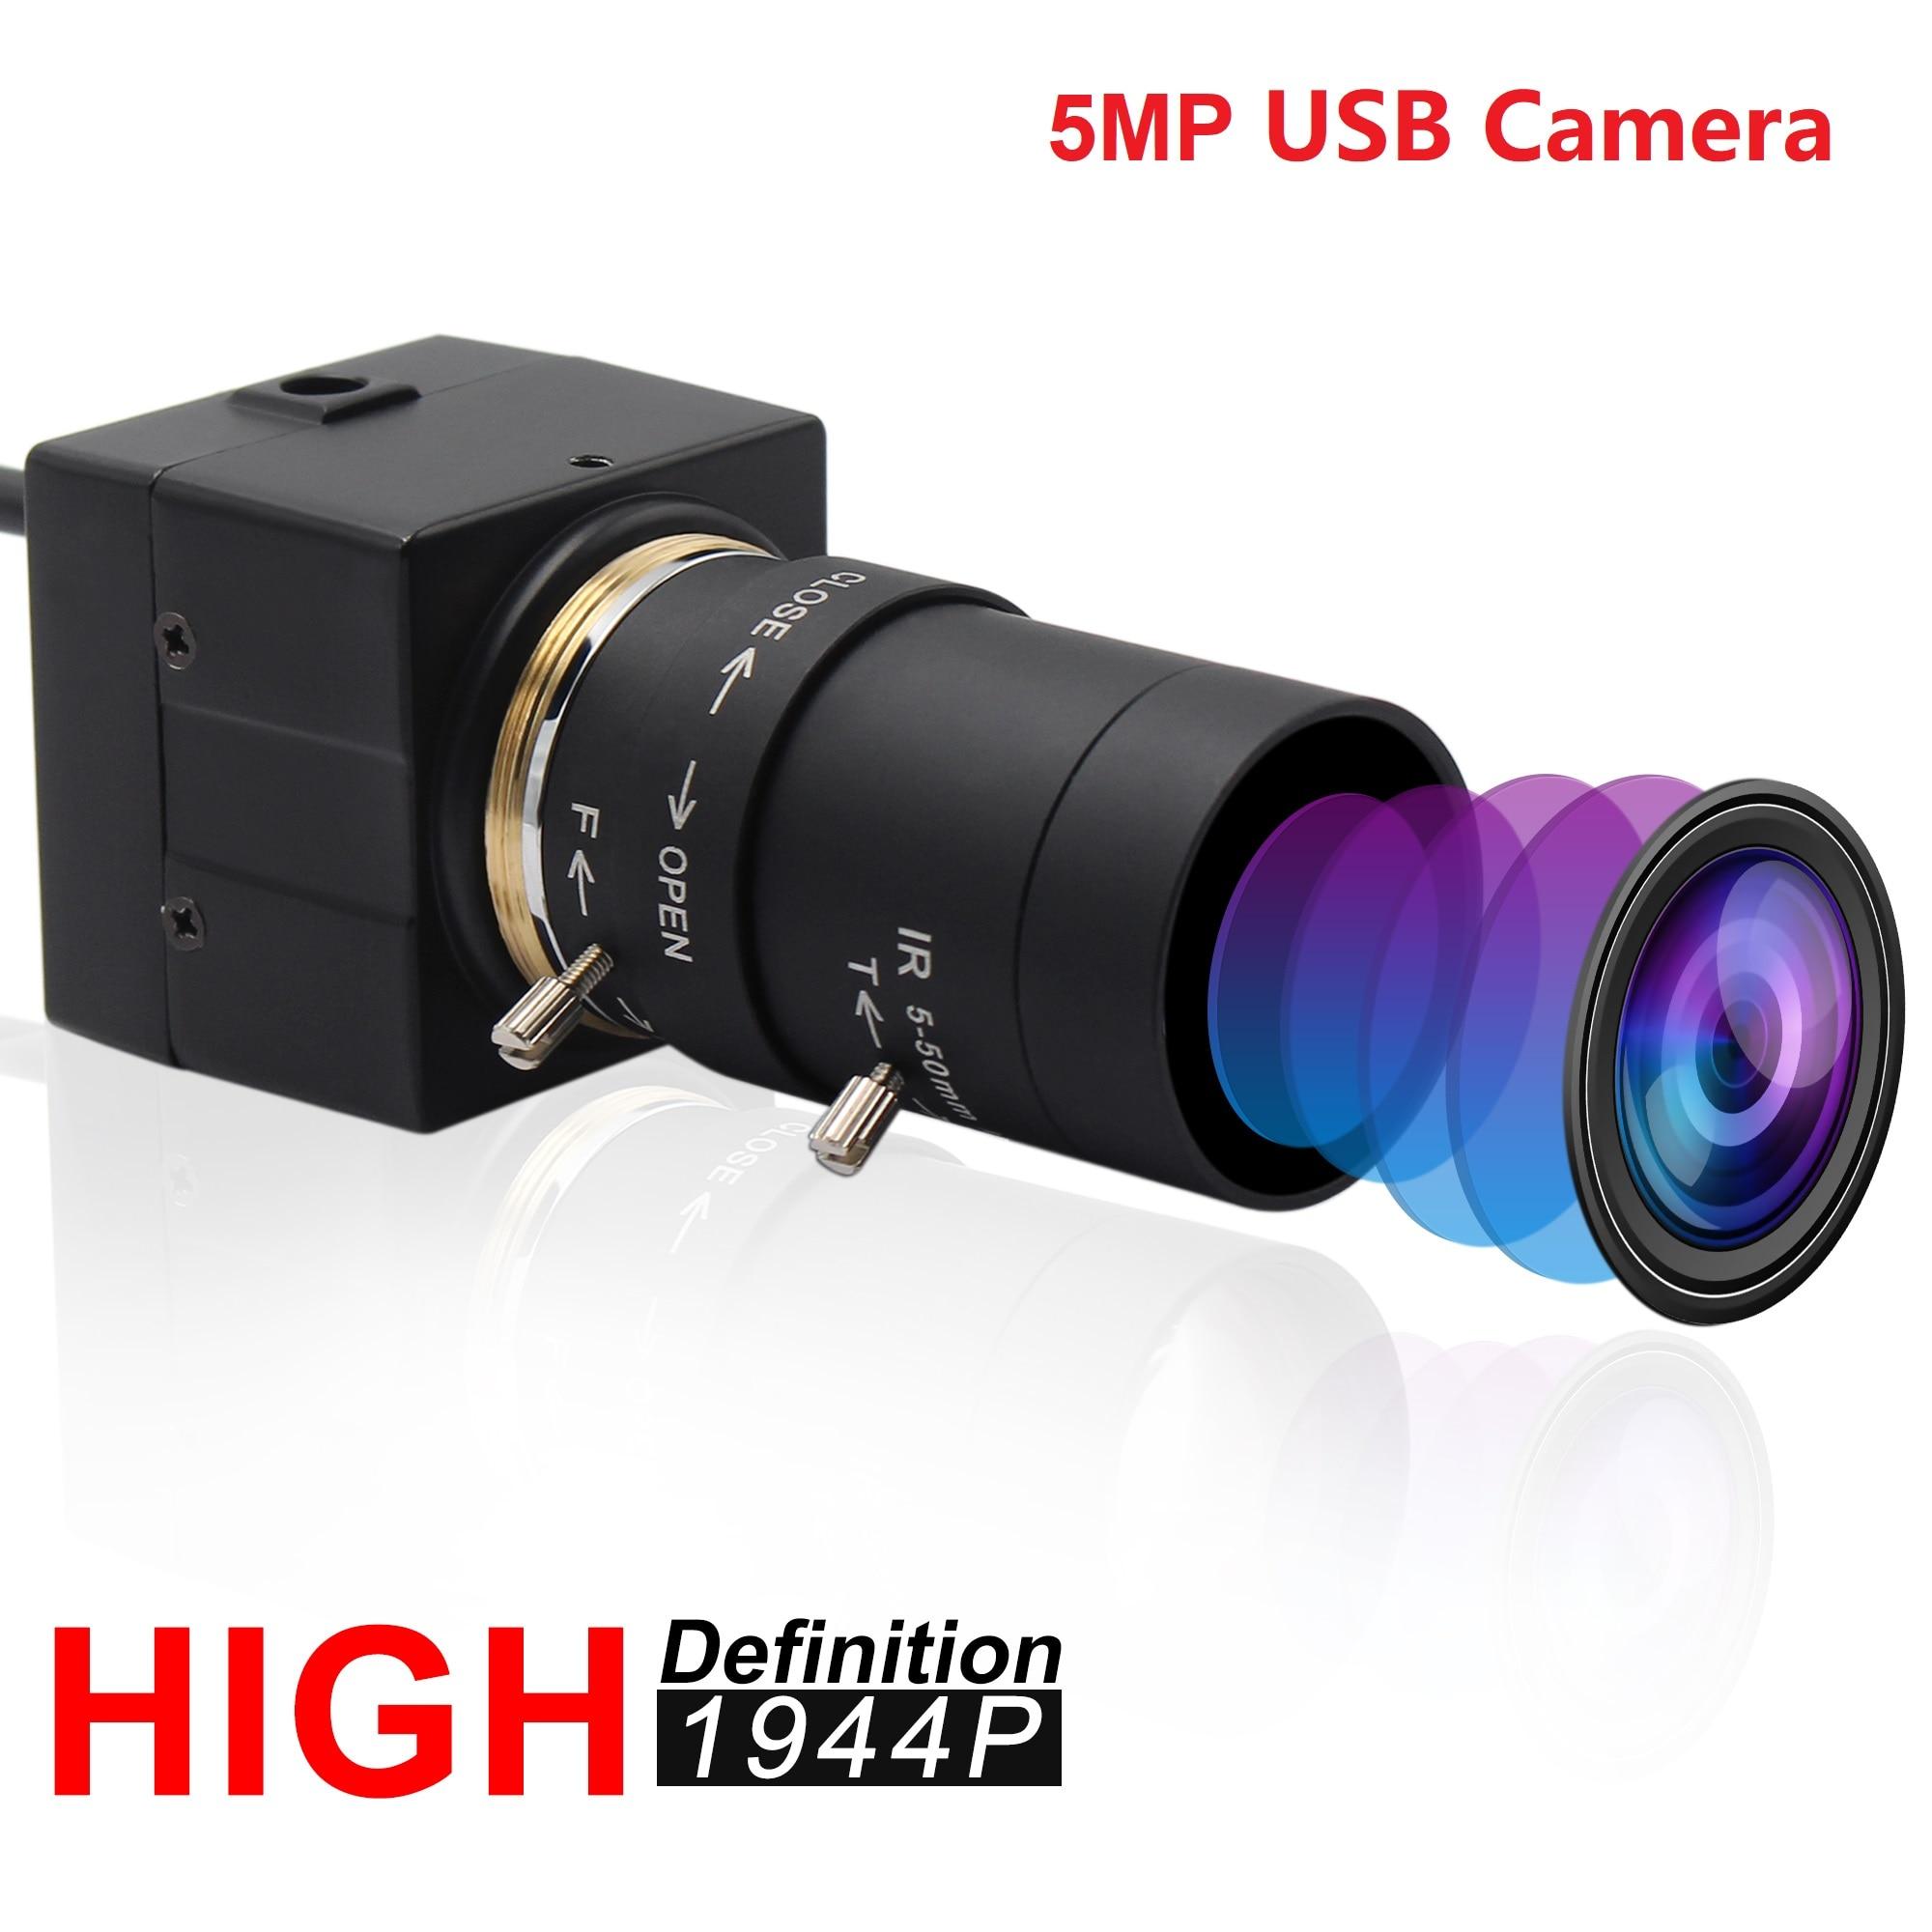 Fotoaparat visoke ločljivosti s 5 milijoni slikovnih pik USB 2.0 spletna kamera Aptina MI5100 Barva CMOS Full HD 5MP USB kamera Varifocal za 3D tiskalnik